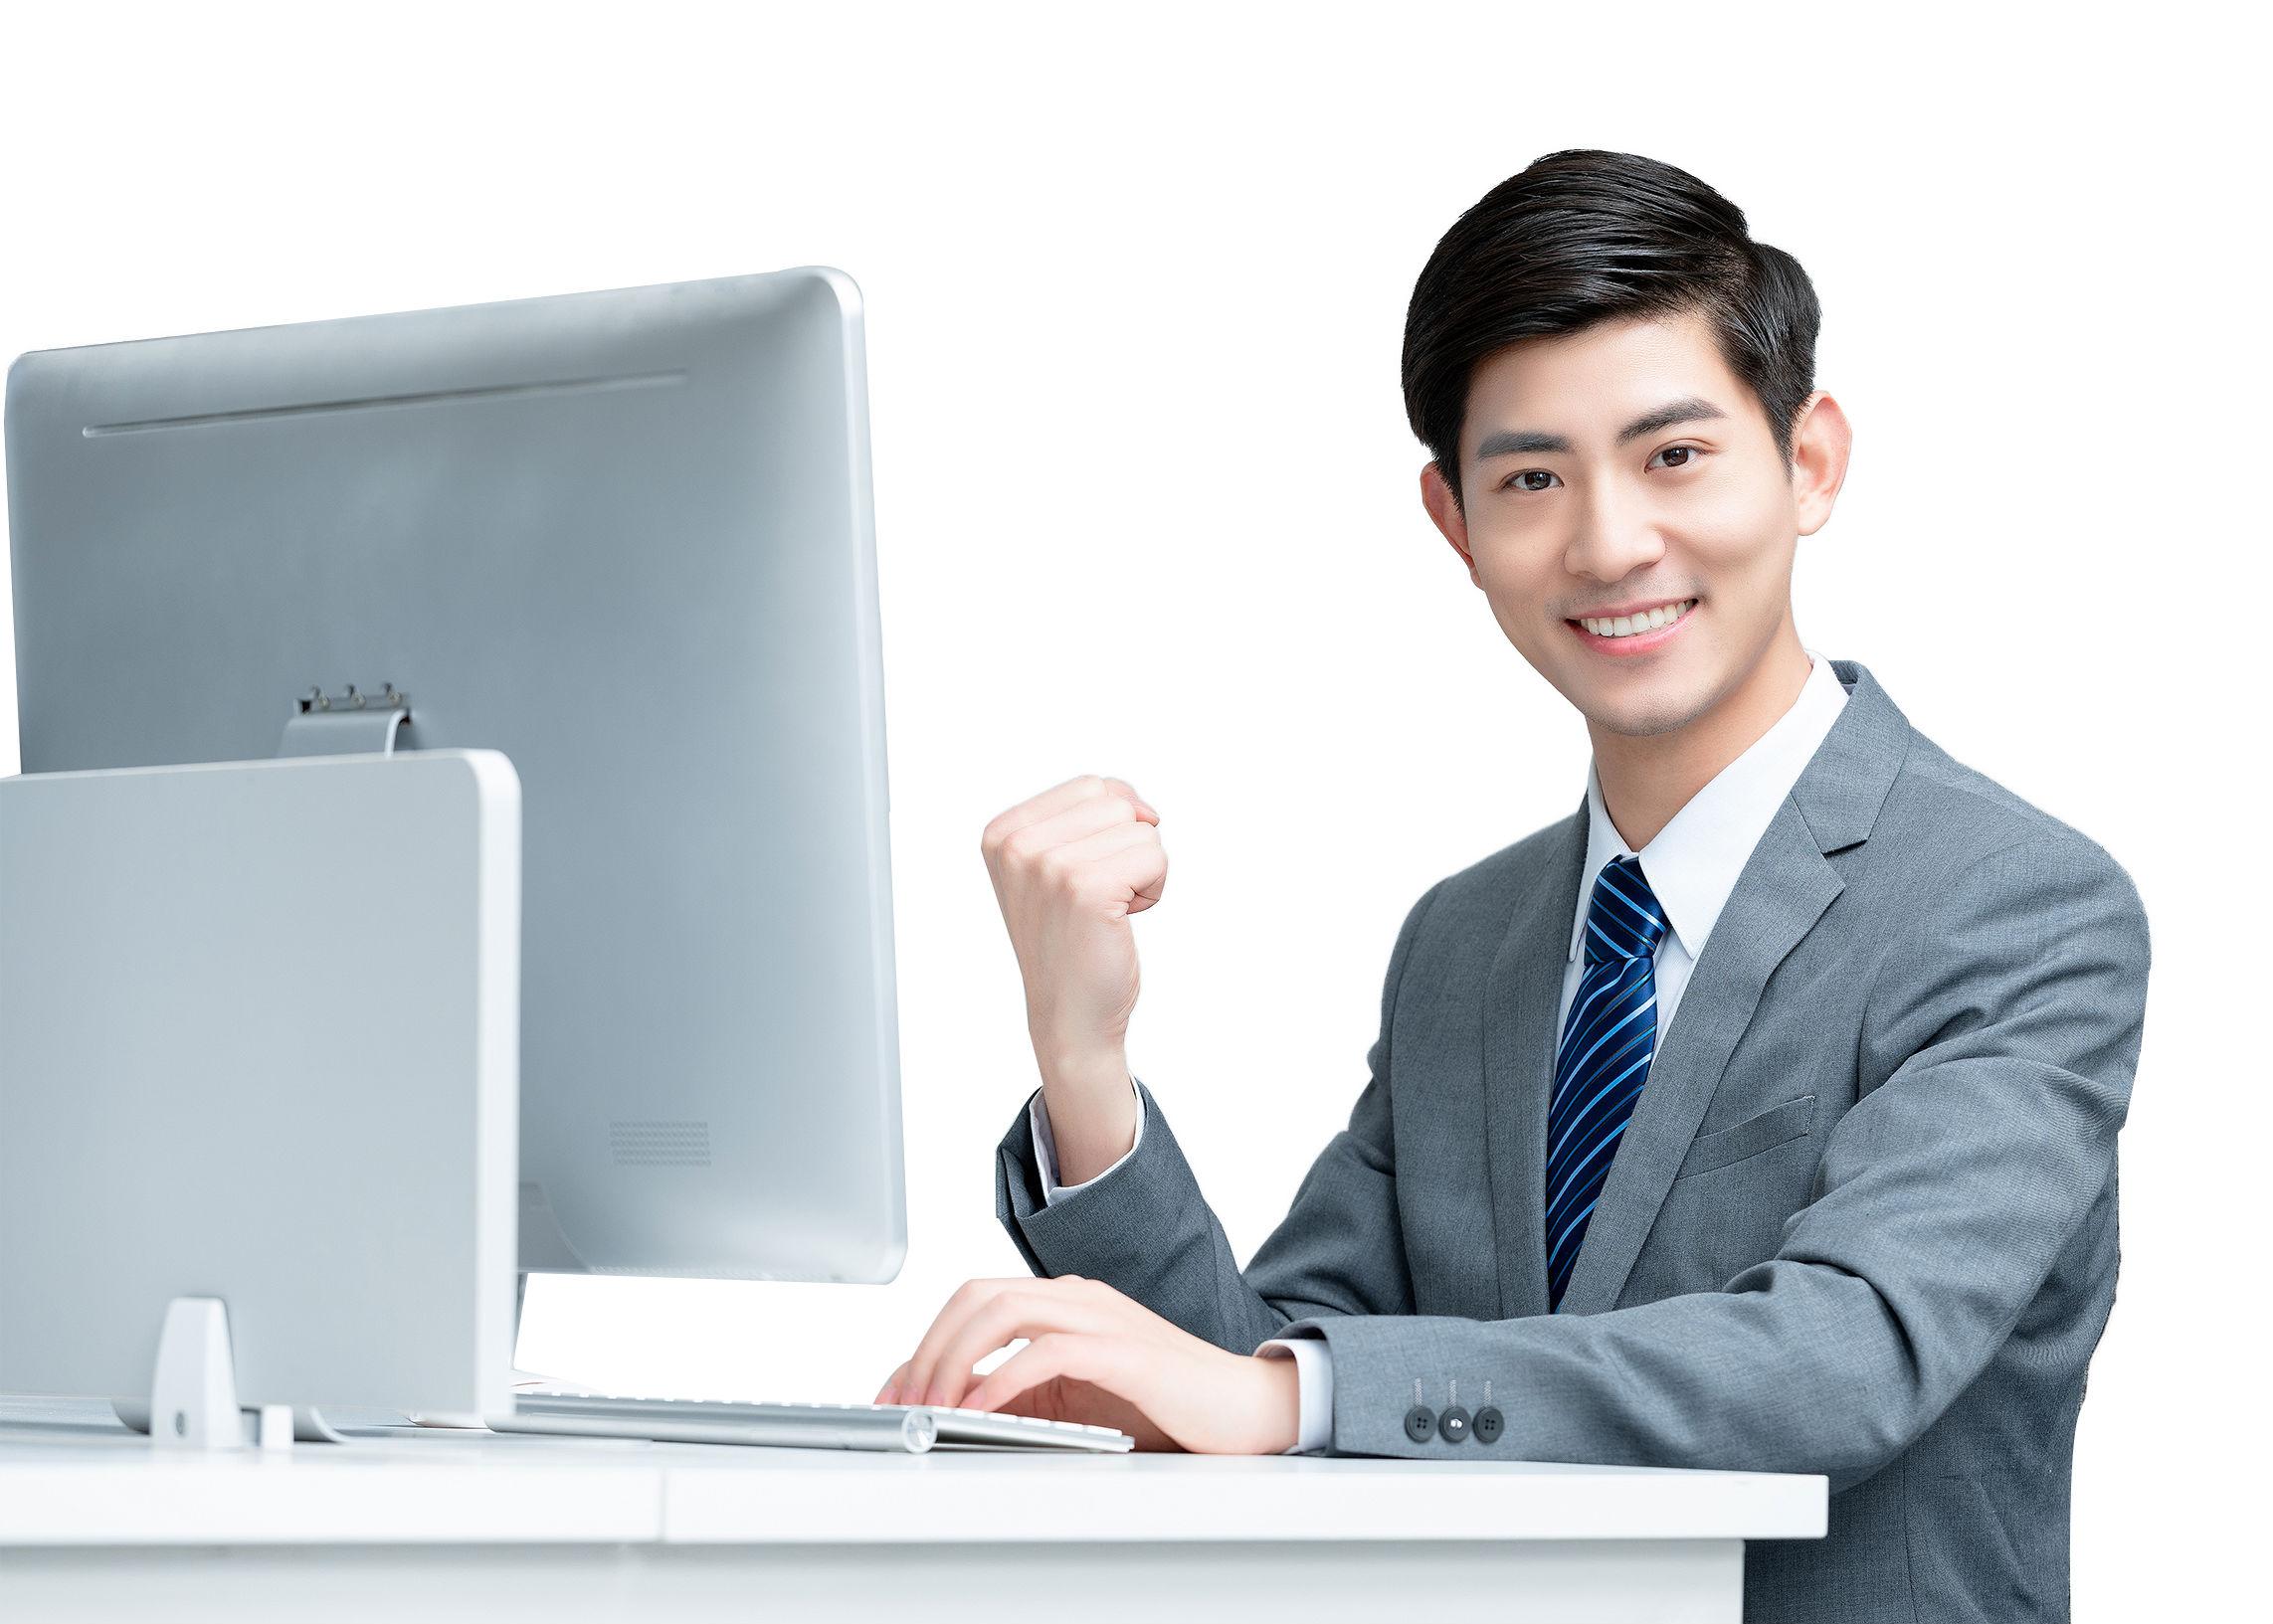 义乌淘宝创业培训